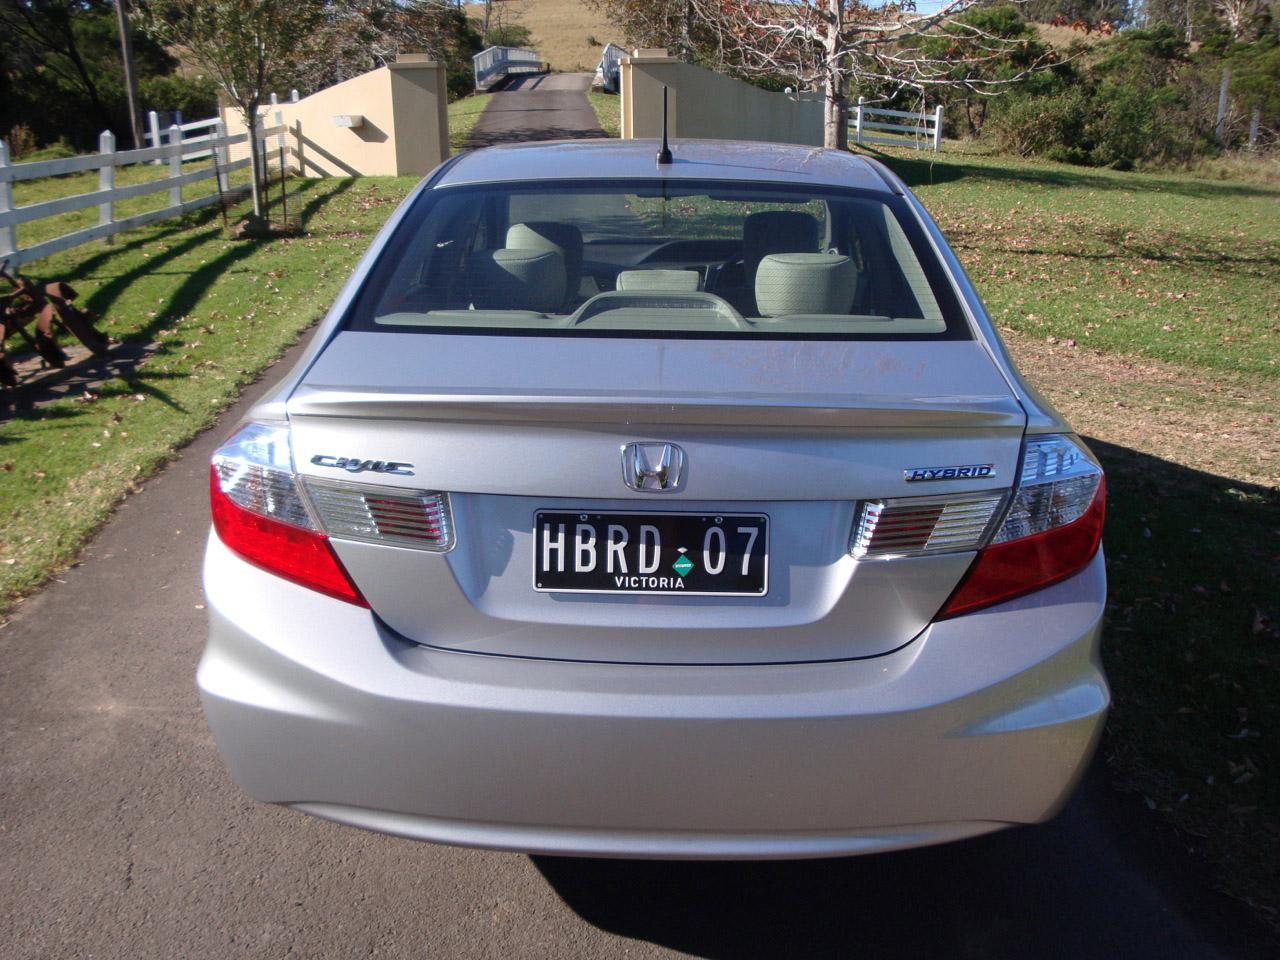 2012 Honda Civic Hybrid Rear